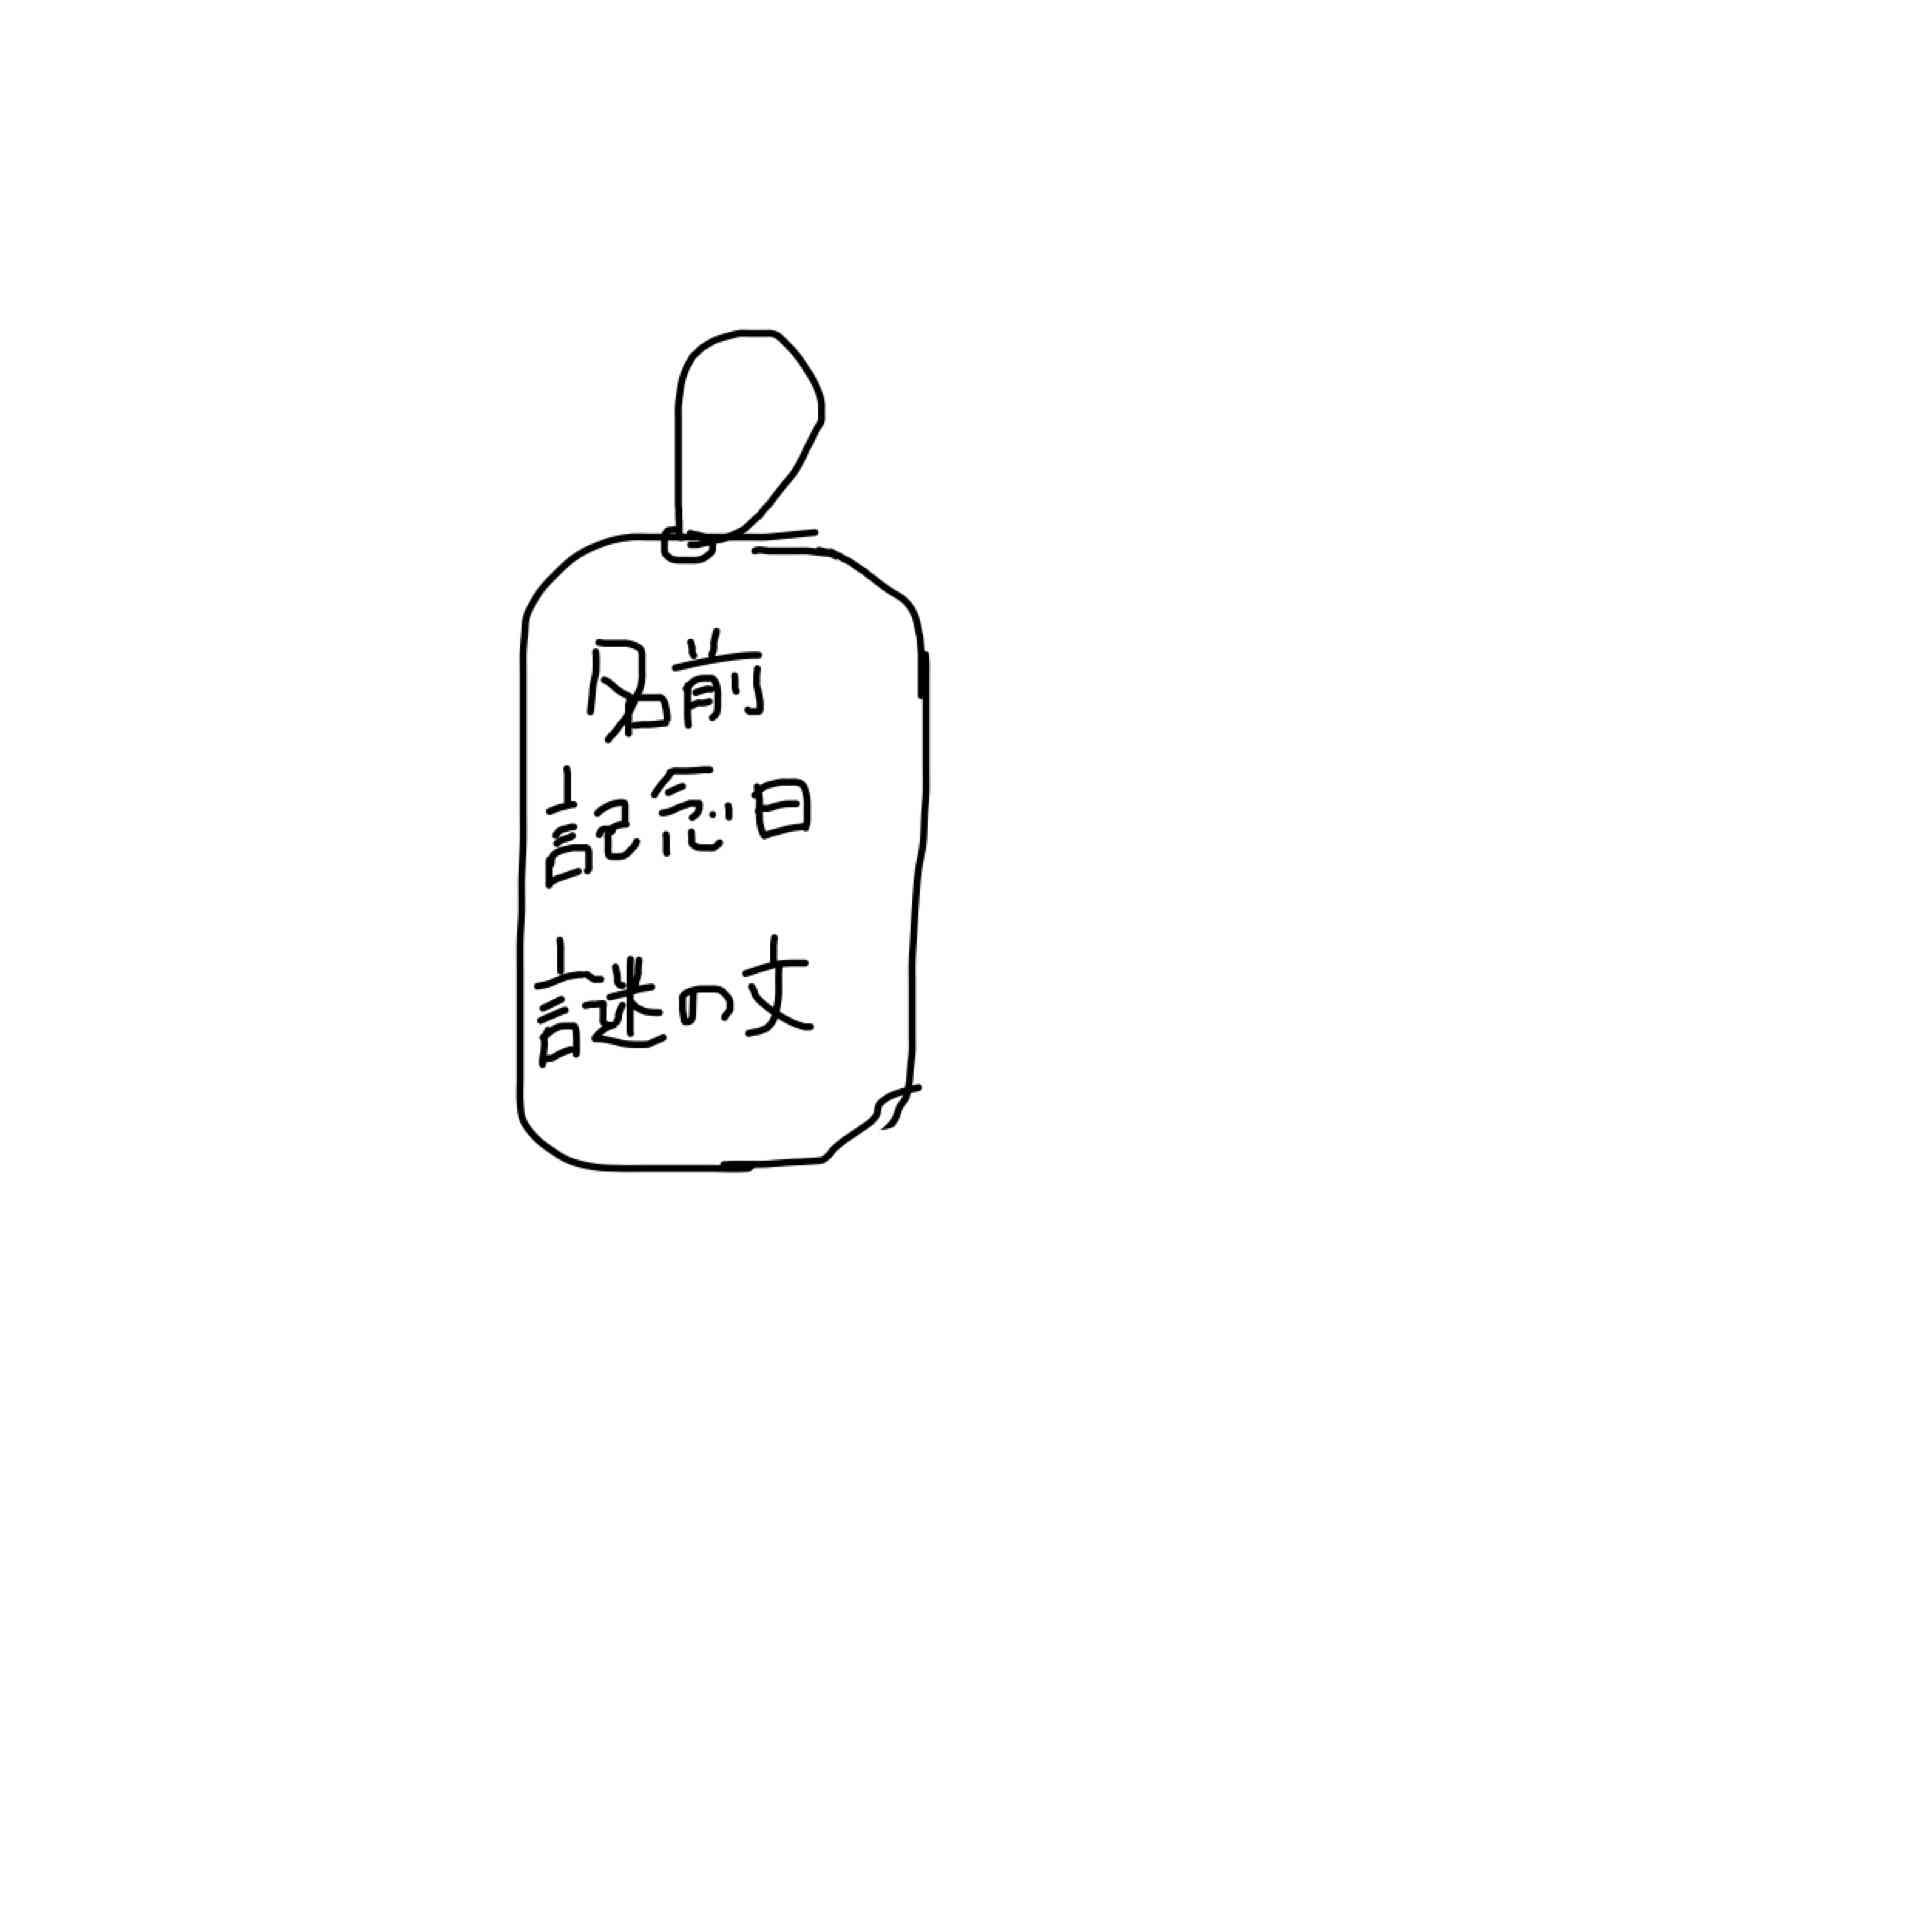 彼氏のプレゼントにガッガリしたひと〜!